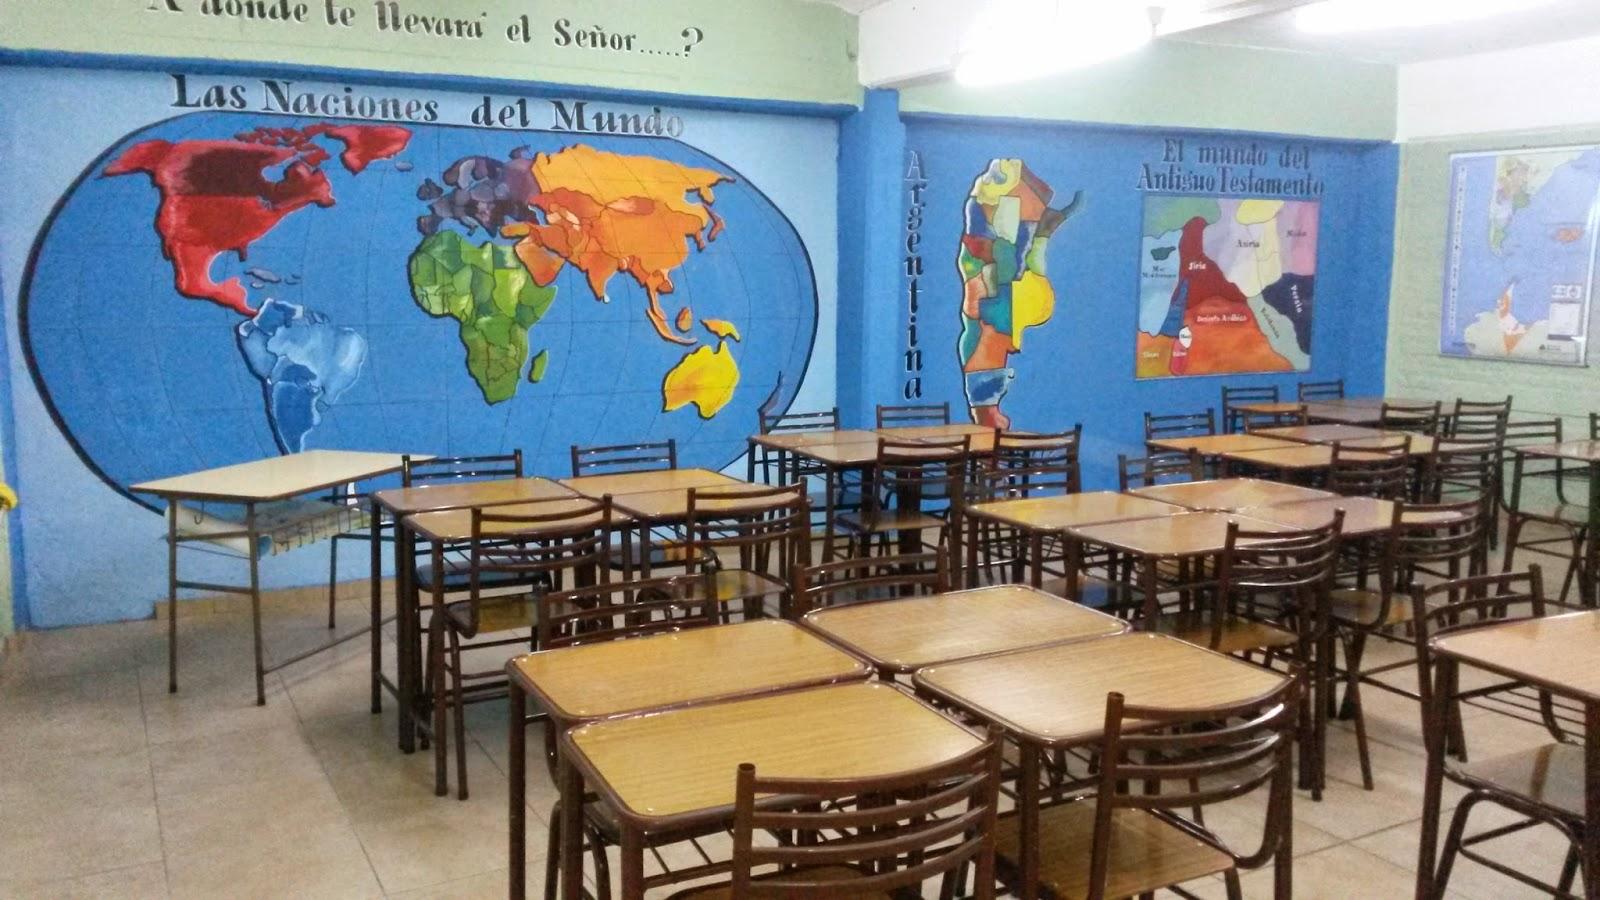 Ceciema en la red inauguraci n de las nuevas aulas tematicas for Proyecto de construccion de aulas de clases